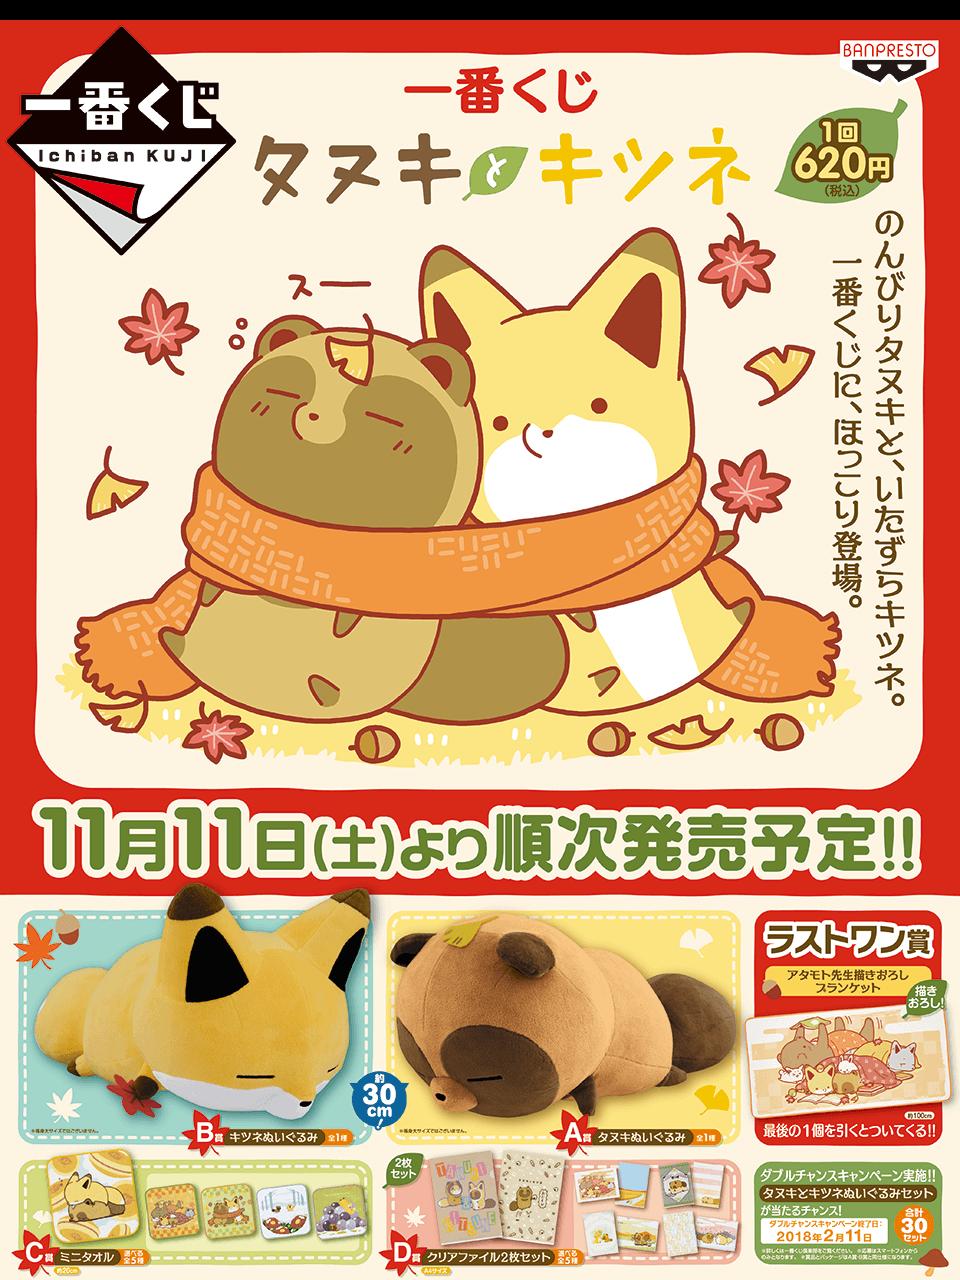 タイトーステーションで一番くじが買える! 一番くじ タヌキとキツネが11月11日(土)より順次発売予定!